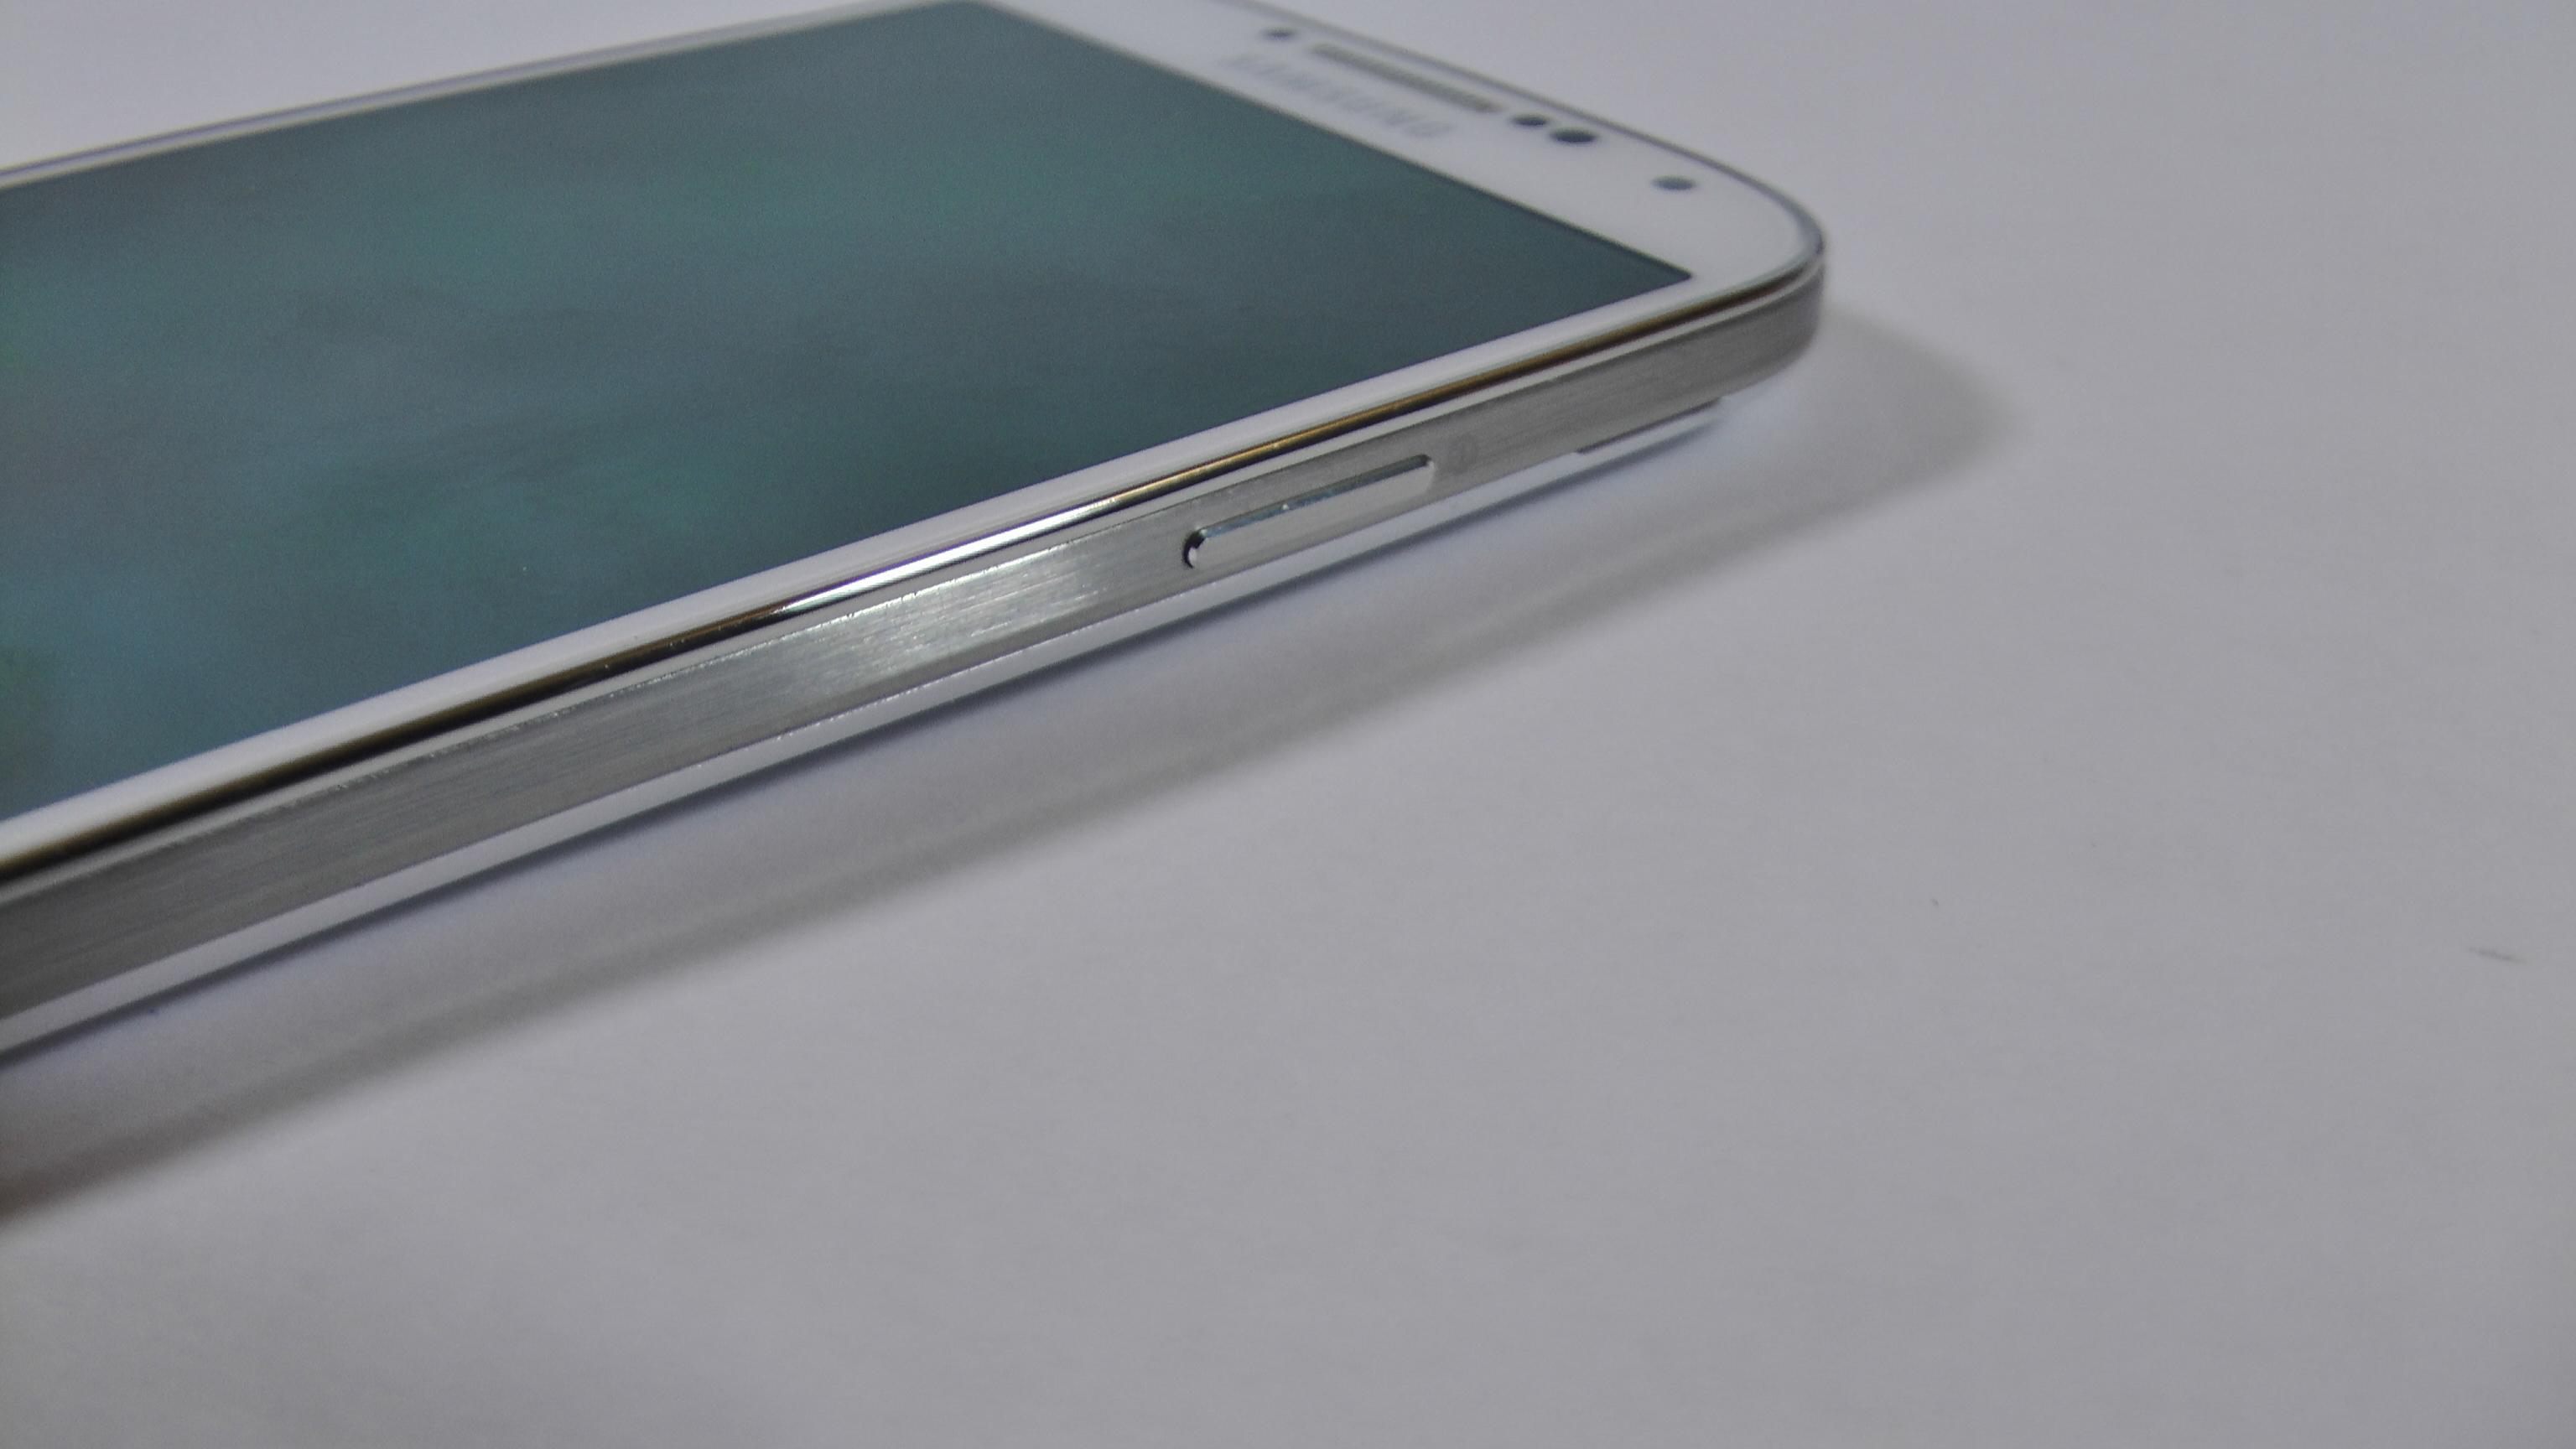 Samsung Galaxy S4 zerbrechlicher als sein Vorgänger – und als das iPhone 5